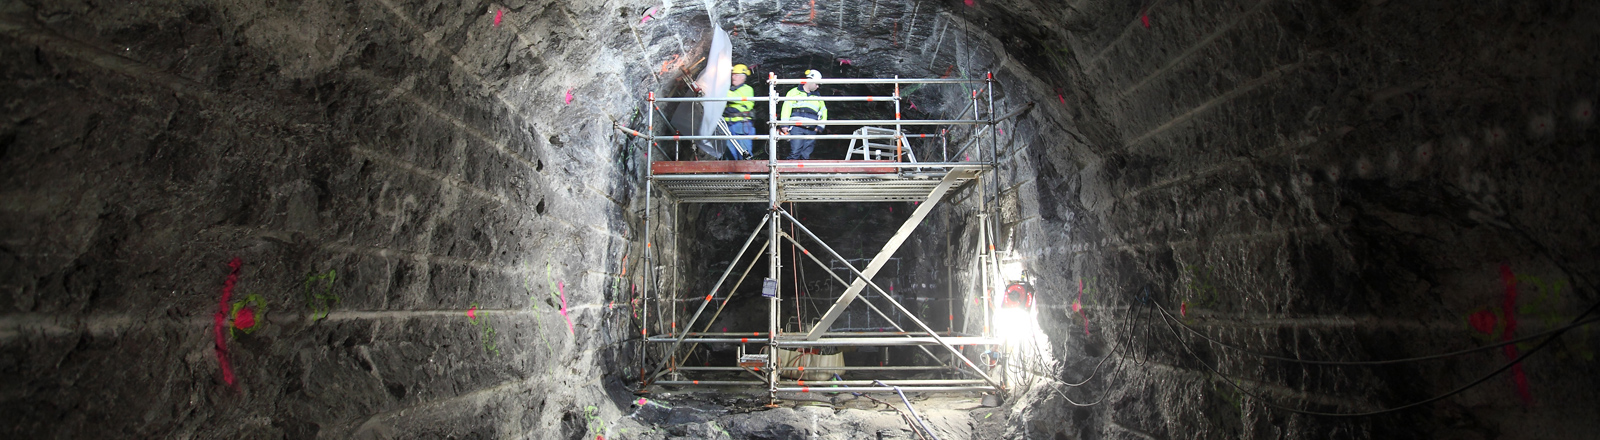 Bauarbeiten in einem Stollen für das gigantische unterirdische Endlager Onkalo in Finnland(Aufnahme vom 14.09.2010).